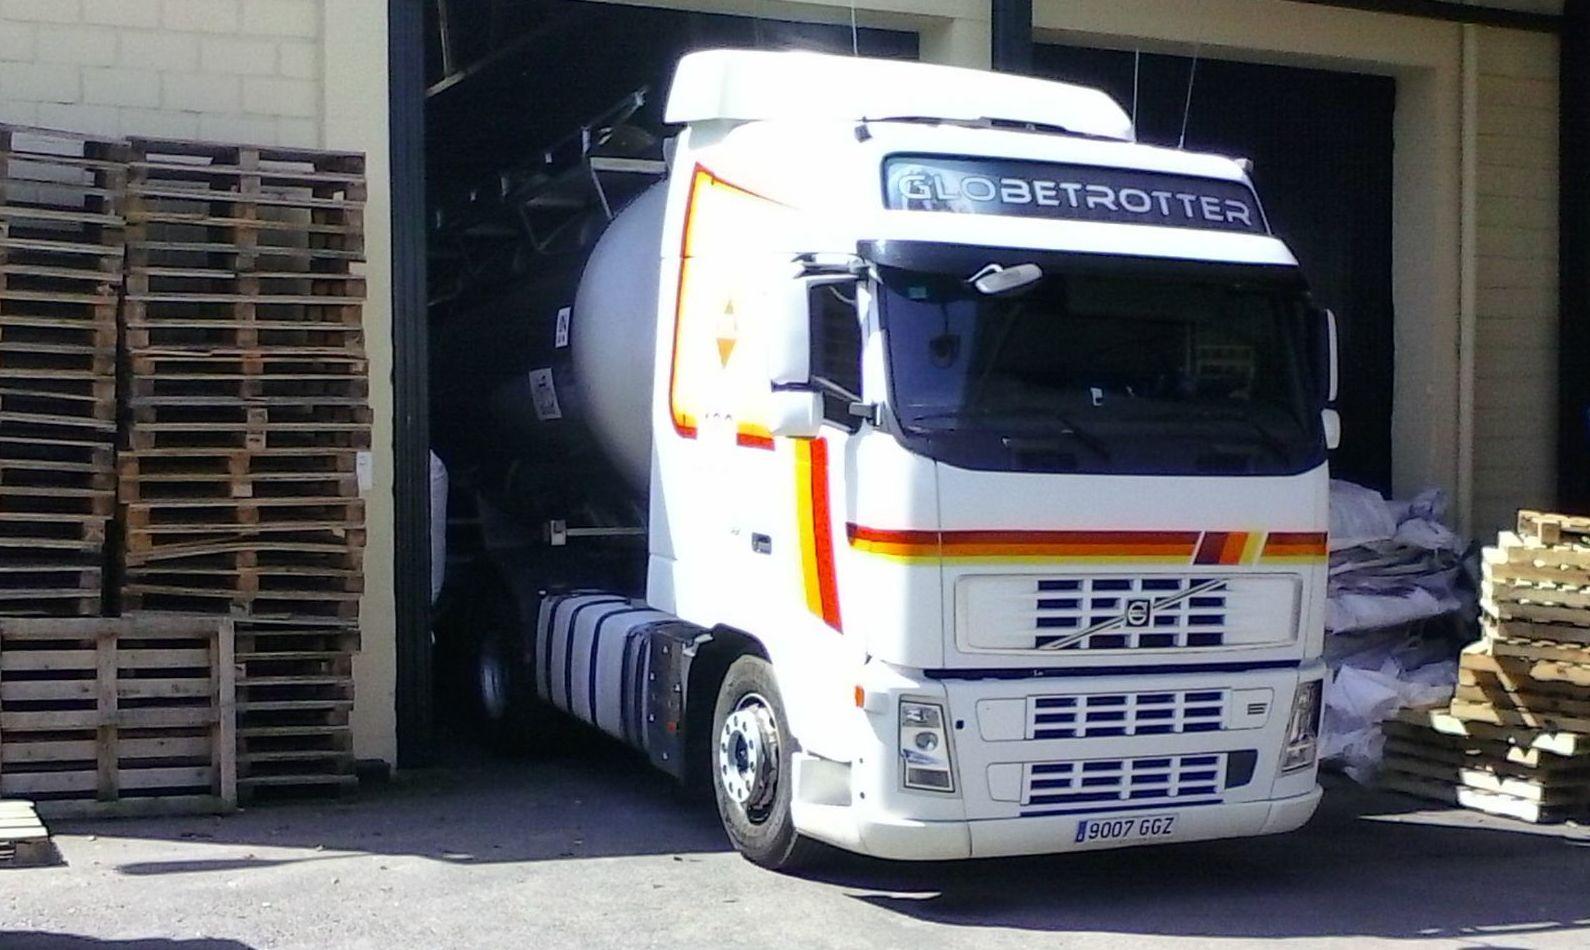 Foto 12 de Transporte de mercancías alimenticias en Sanlúcar de Barrameda | Transportes Cristobal  Guerrero Villalar